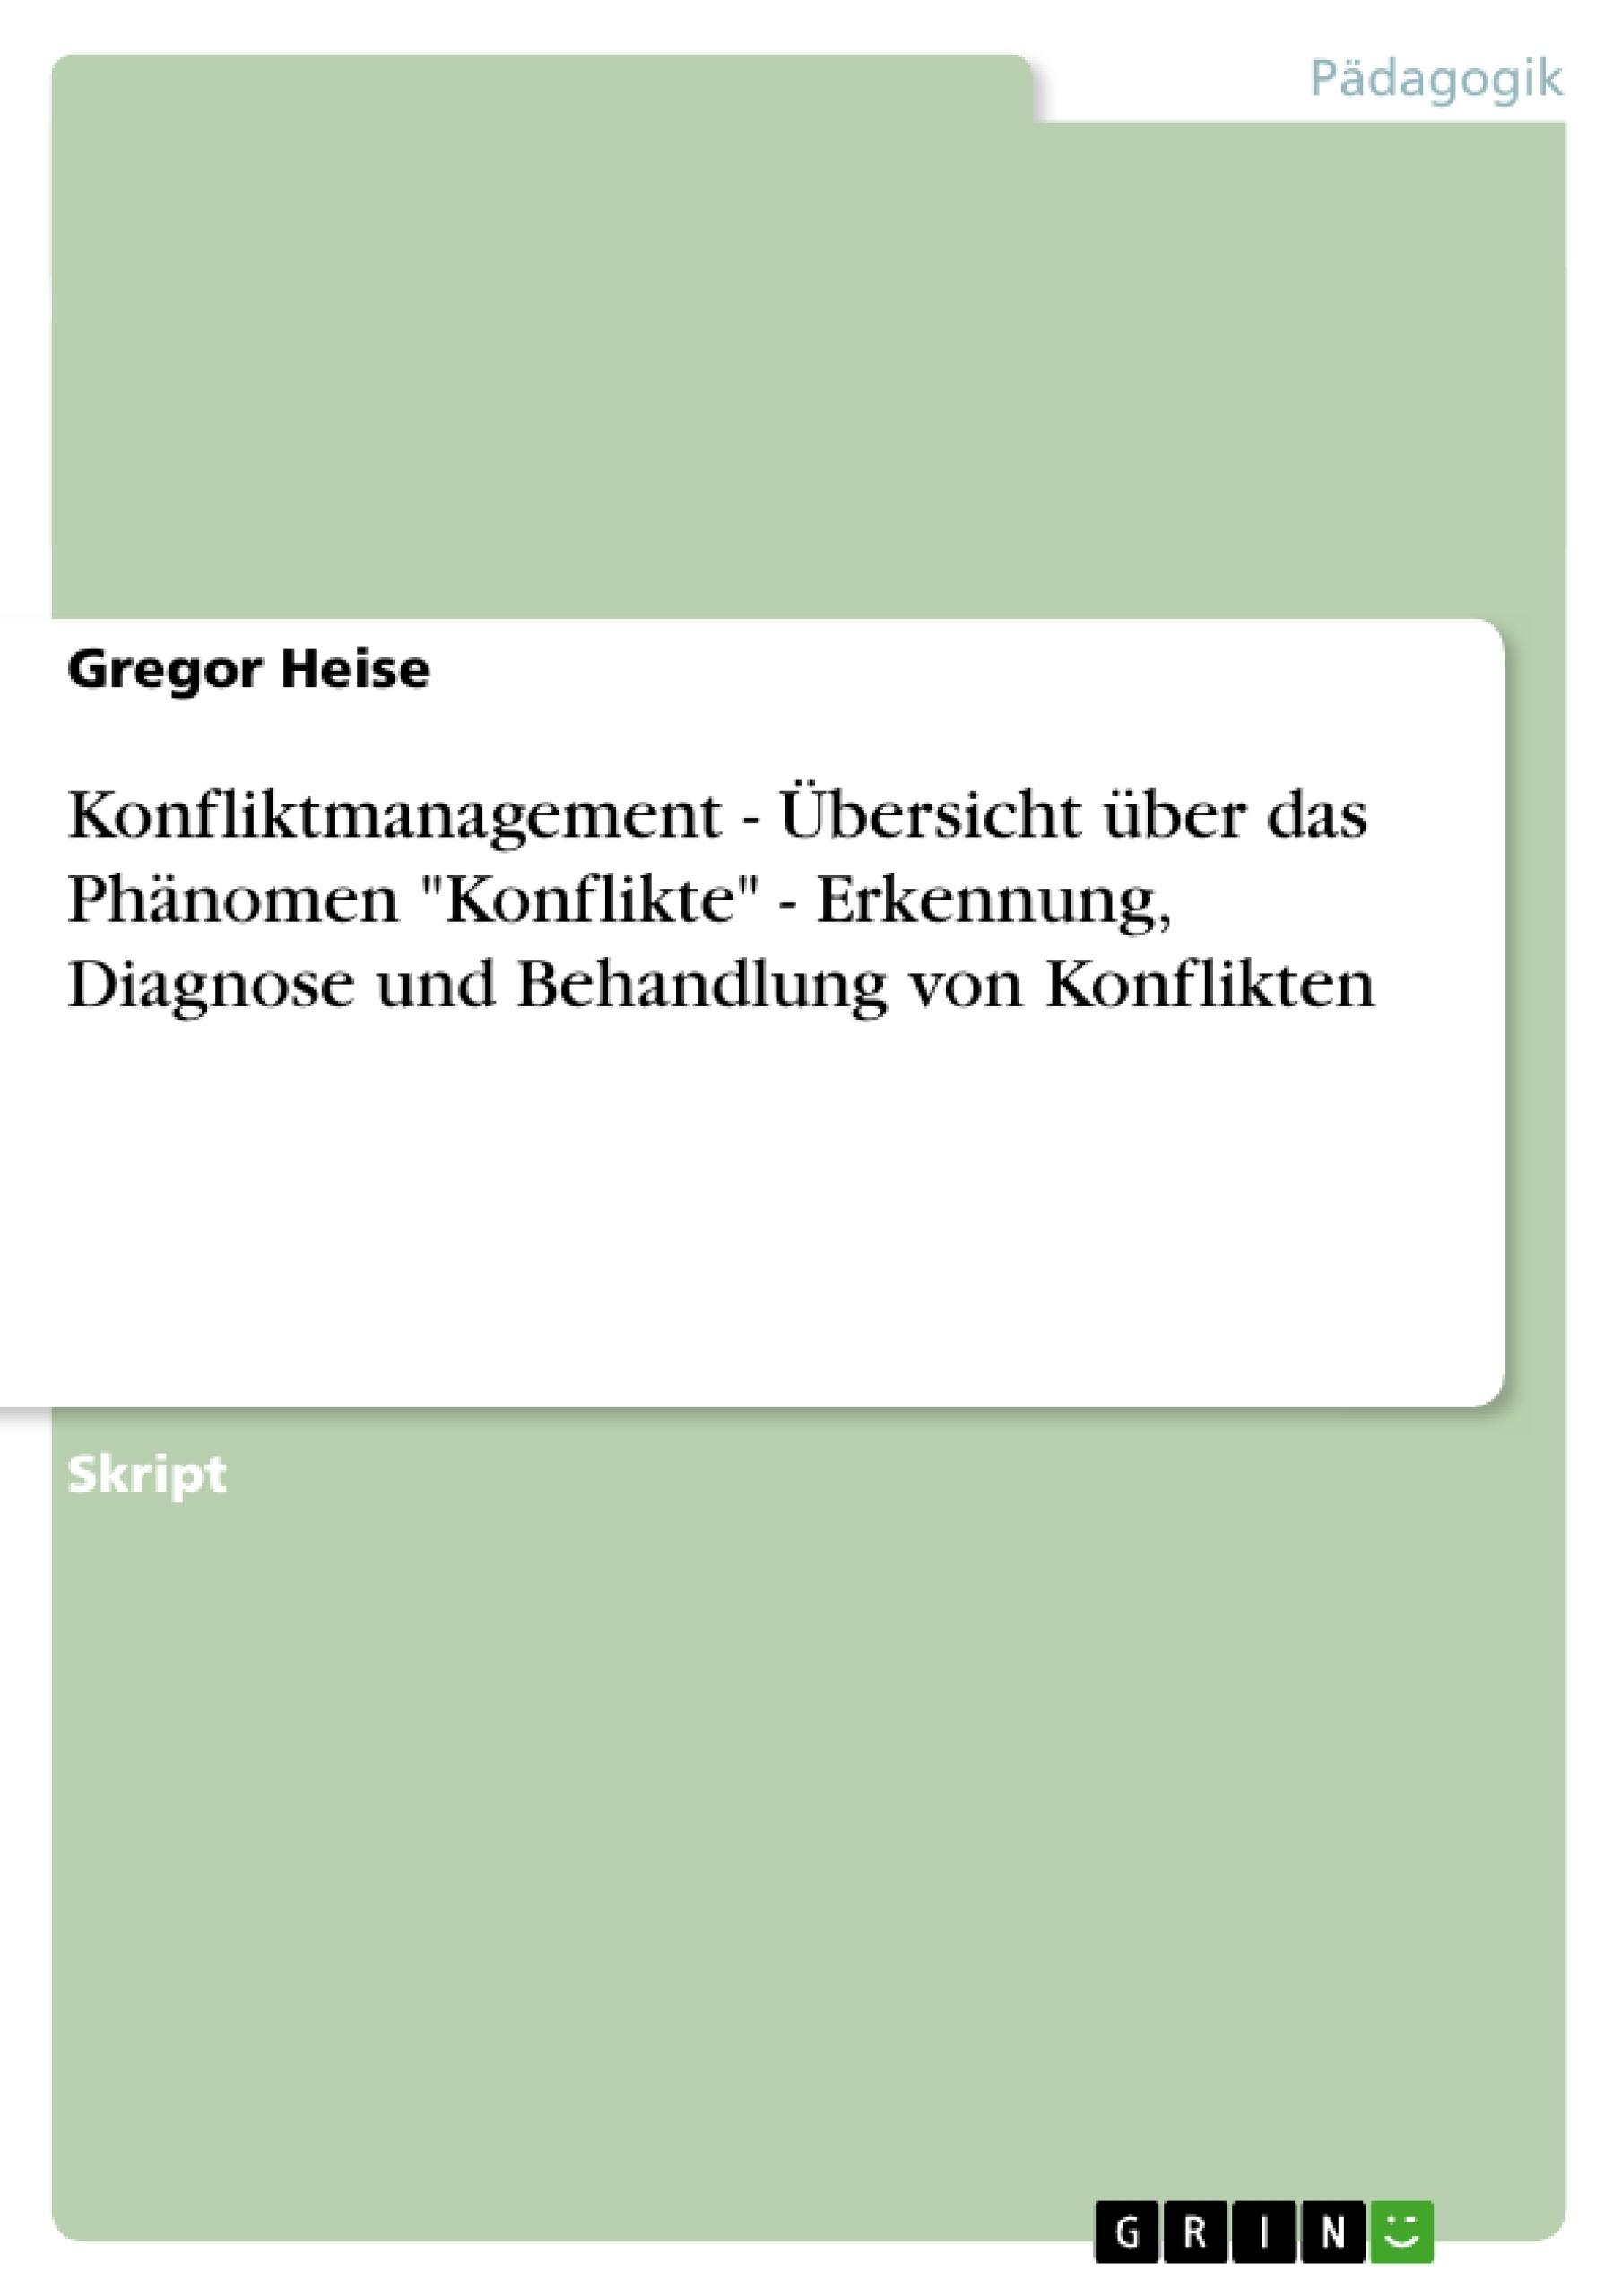 """Titel: Konfliktmanagement  -  Übersicht über das Phänomen """"Konflikte""""   -  Erkennung, Diagnose und Behandlung von Konflikten"""